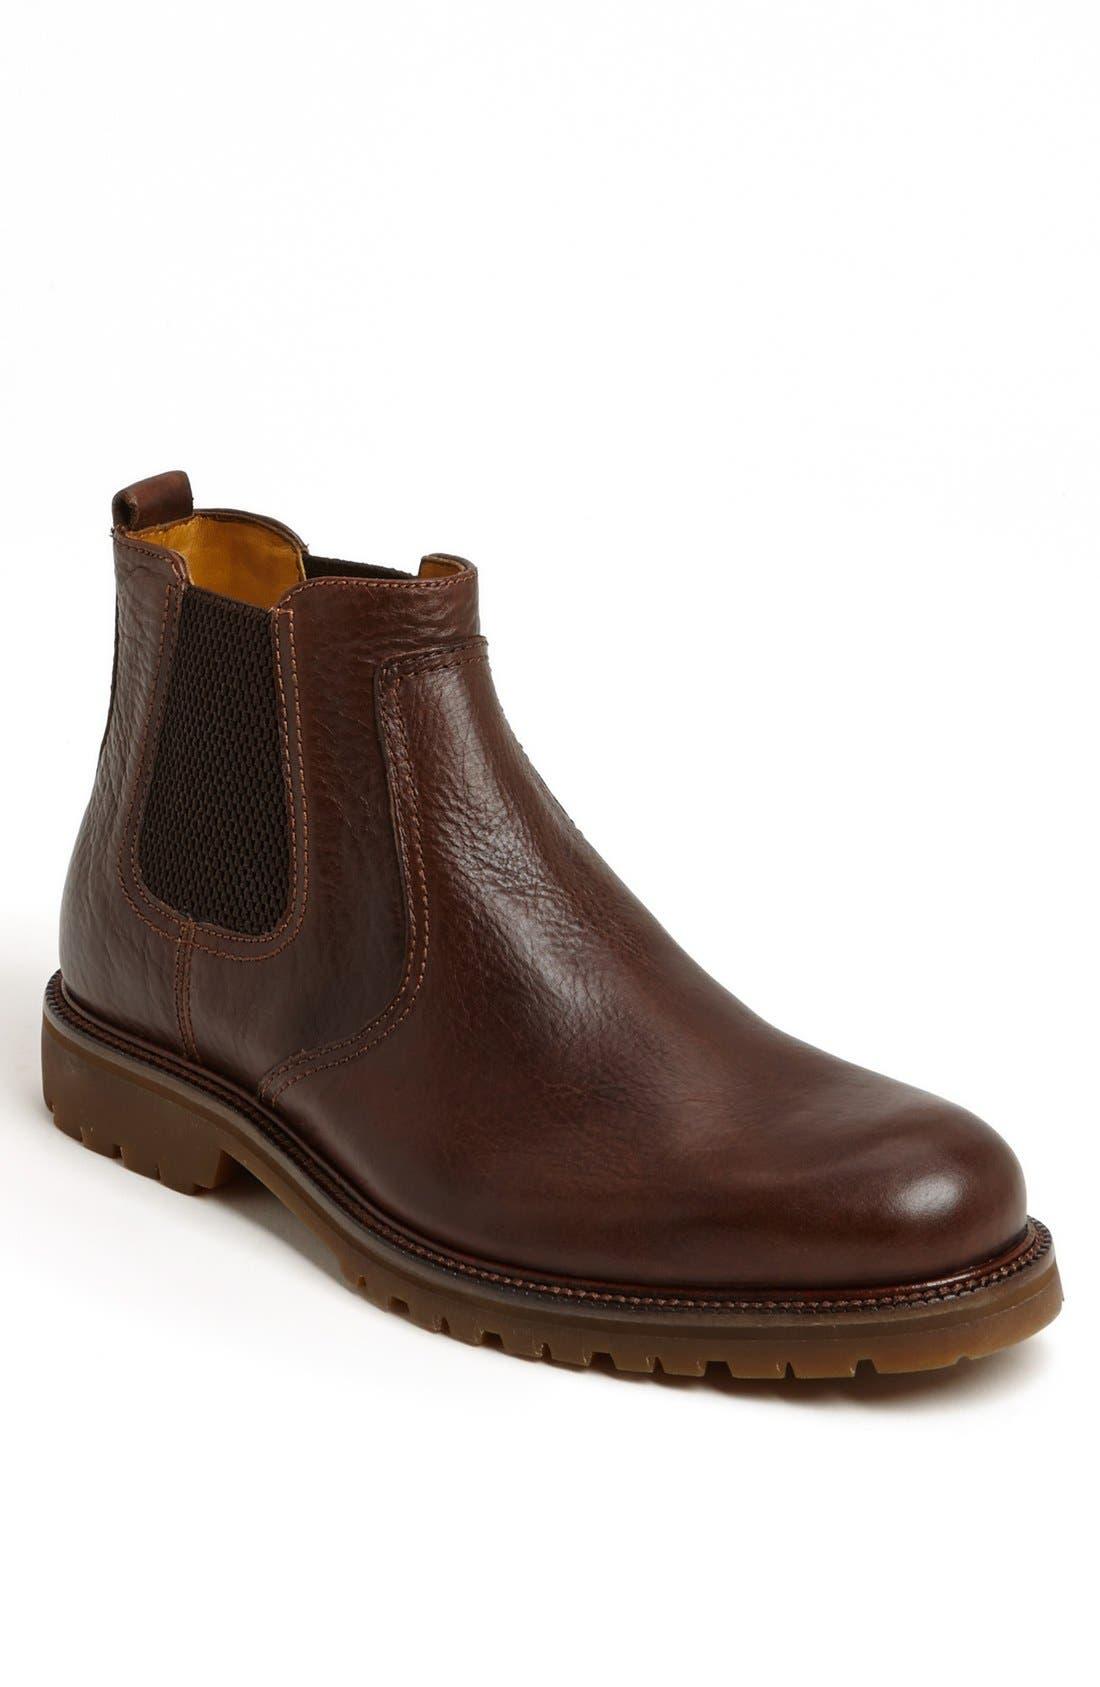 Main Image - Trask 'Garnet' Chelsea Boot